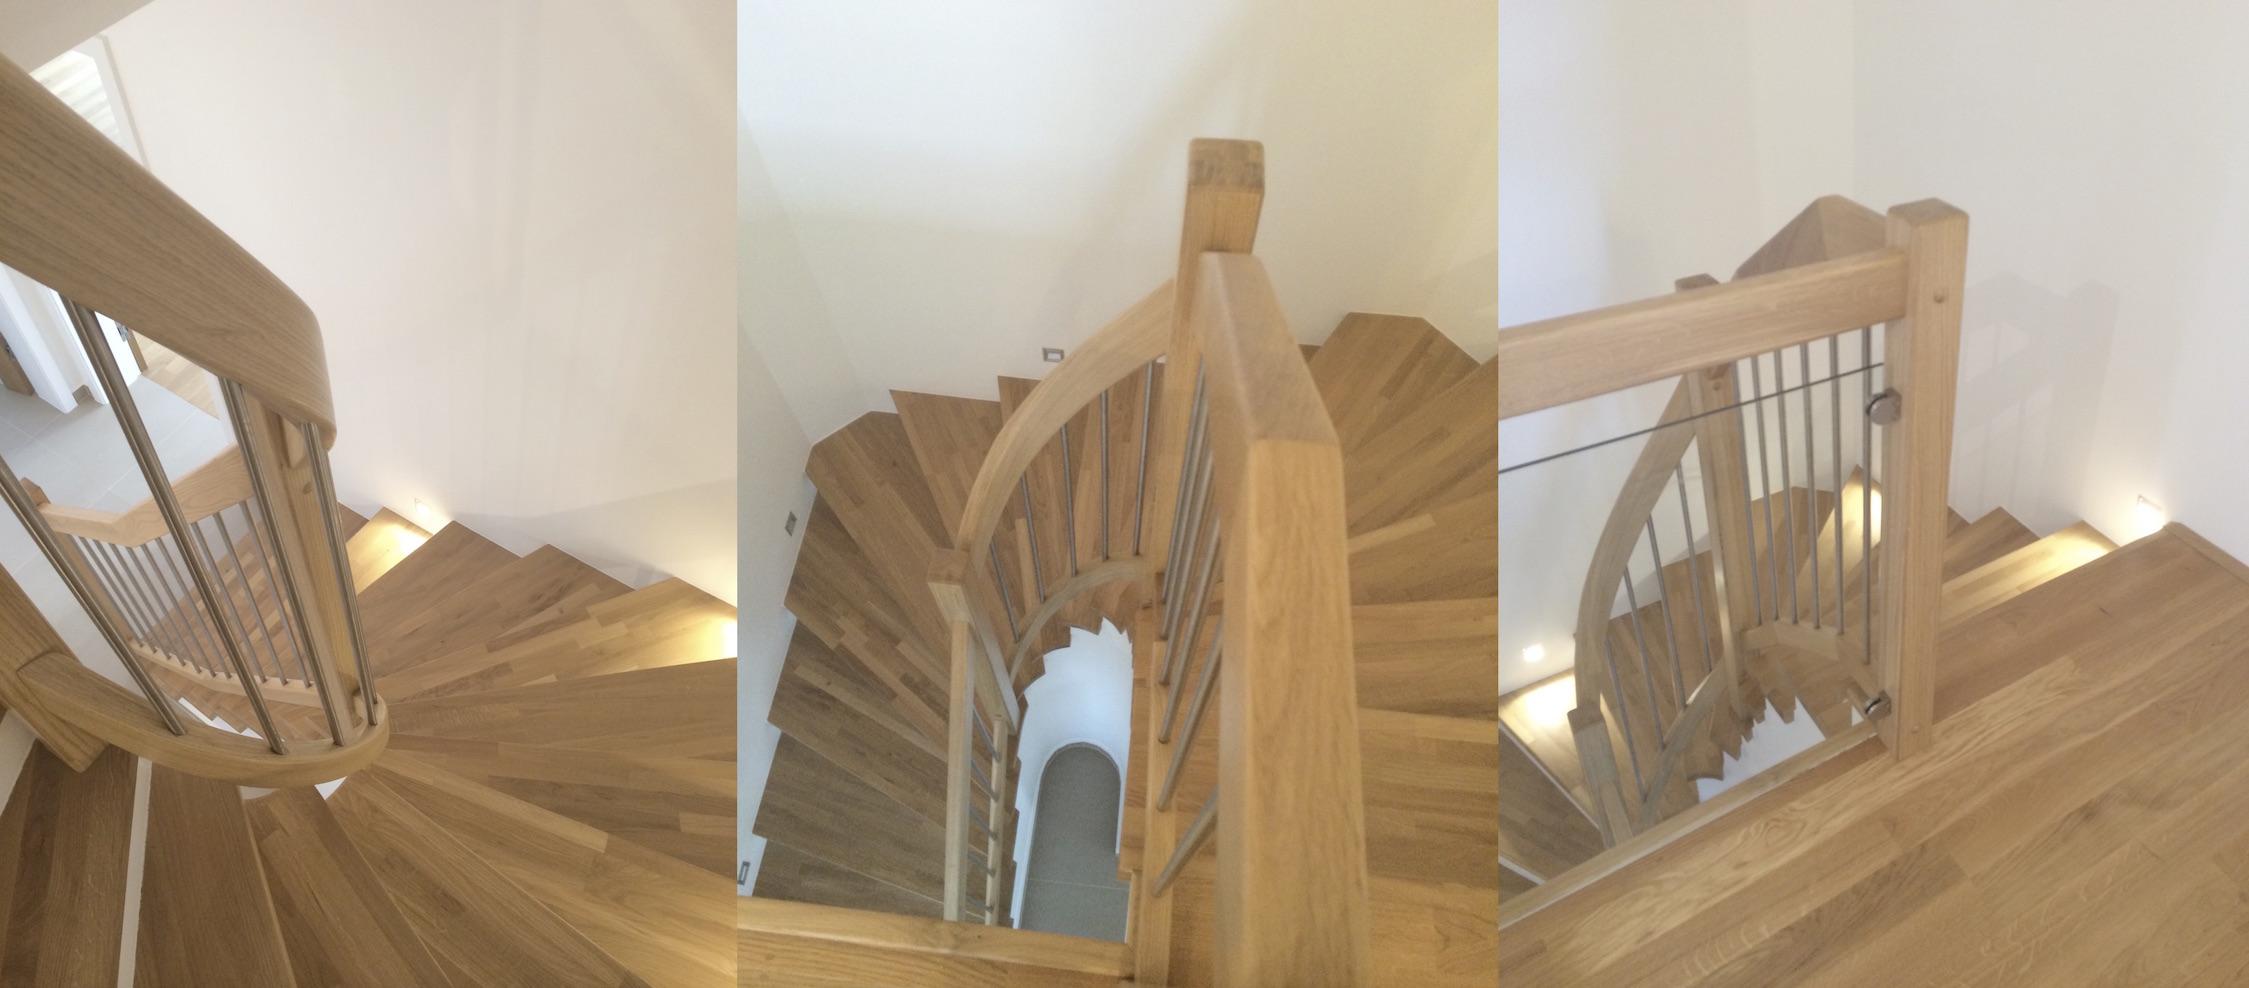 Marco Treppen Stufenverkleidung Eiche-03